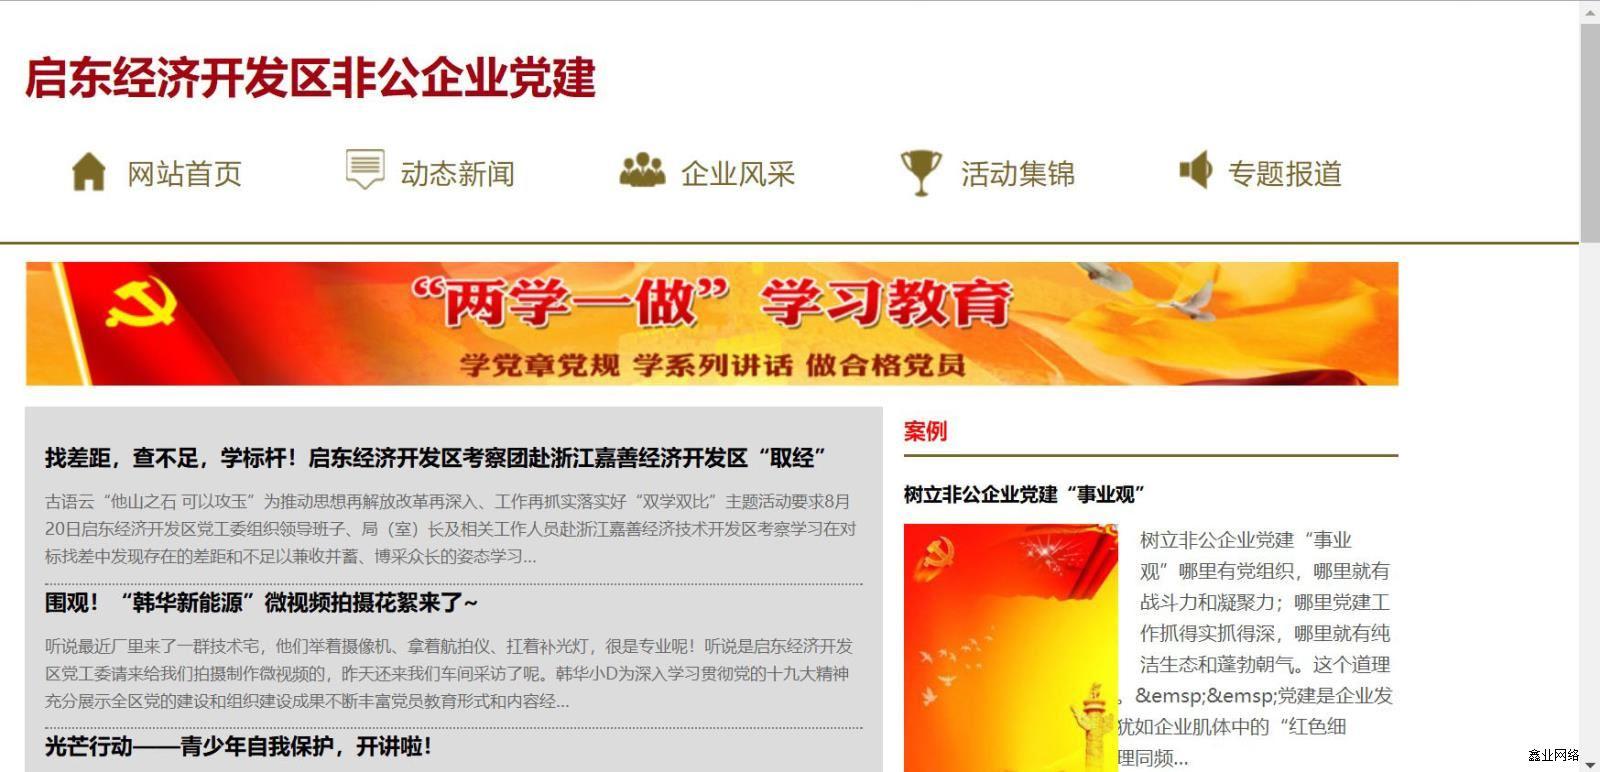 启东经济开发区非公企业党建门户网站1-1.jpg